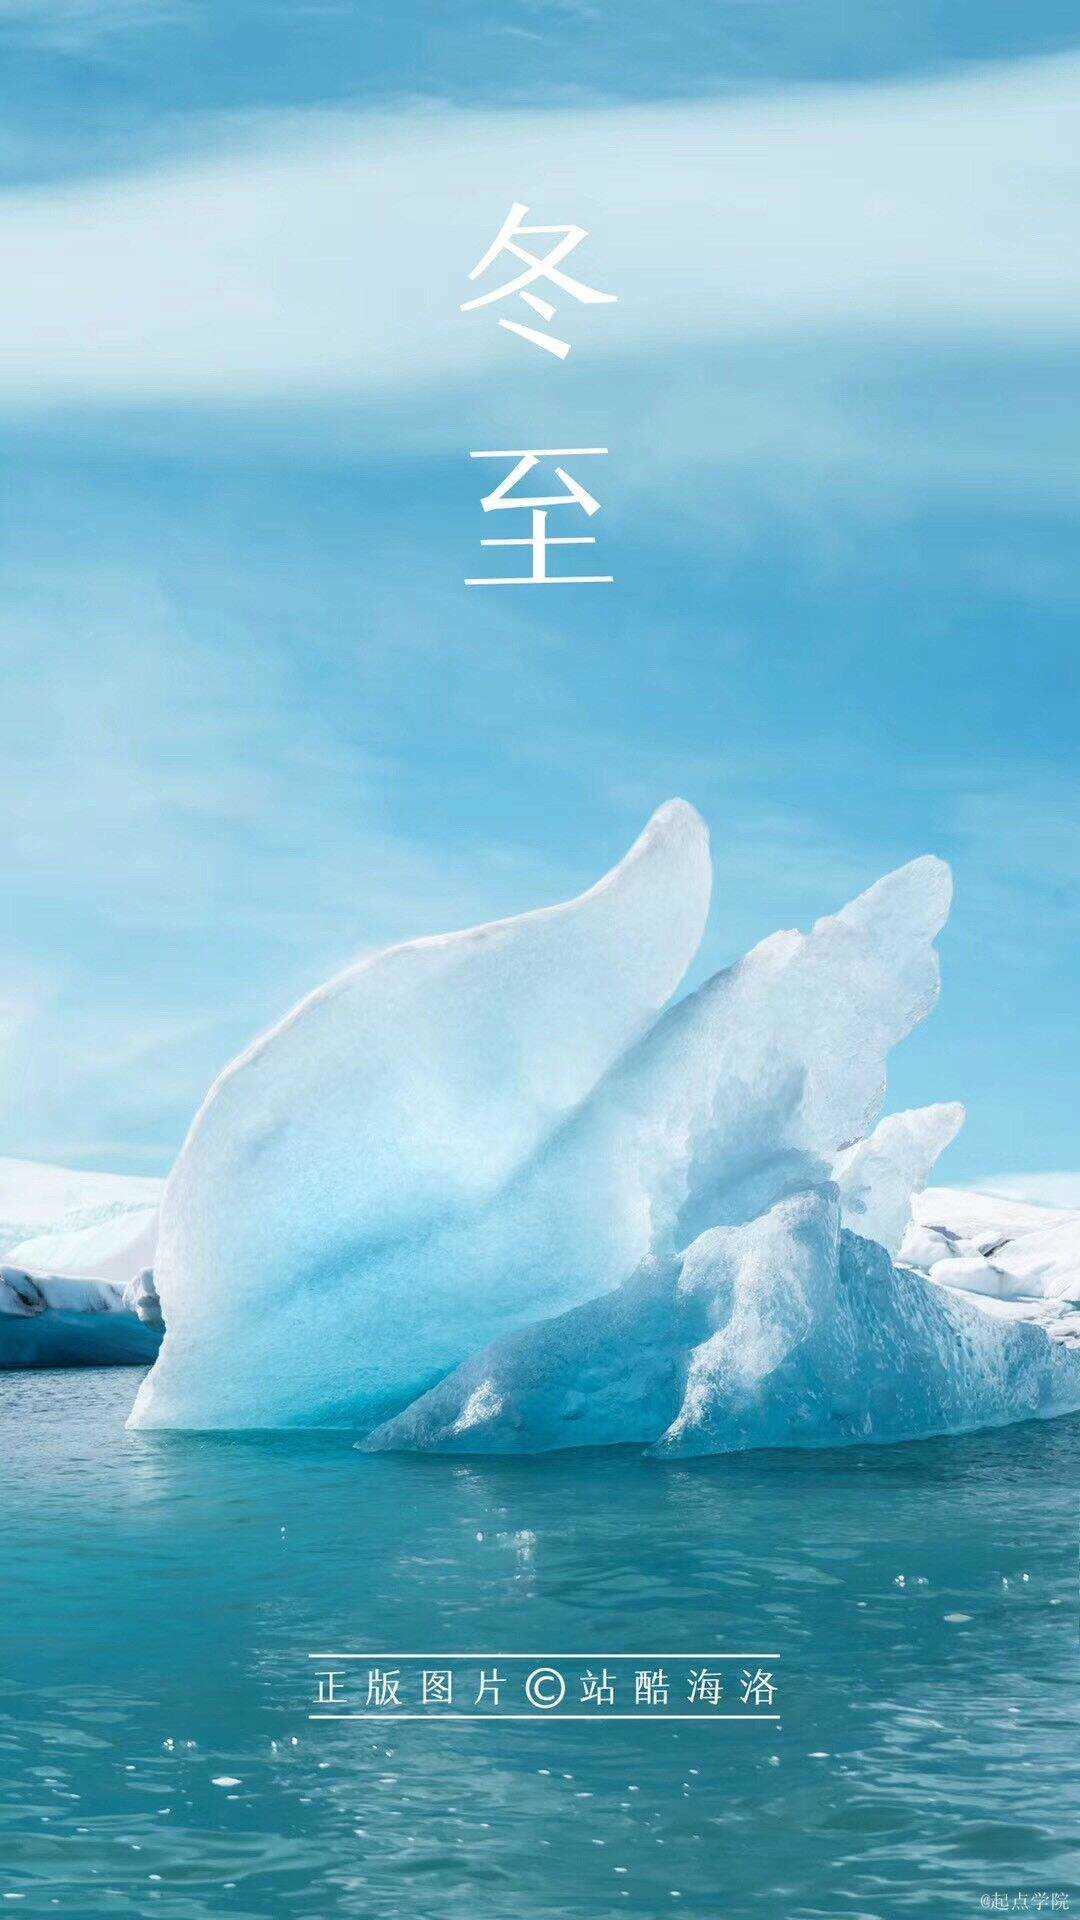 冬至啦!12组节气解释宣传海报设计